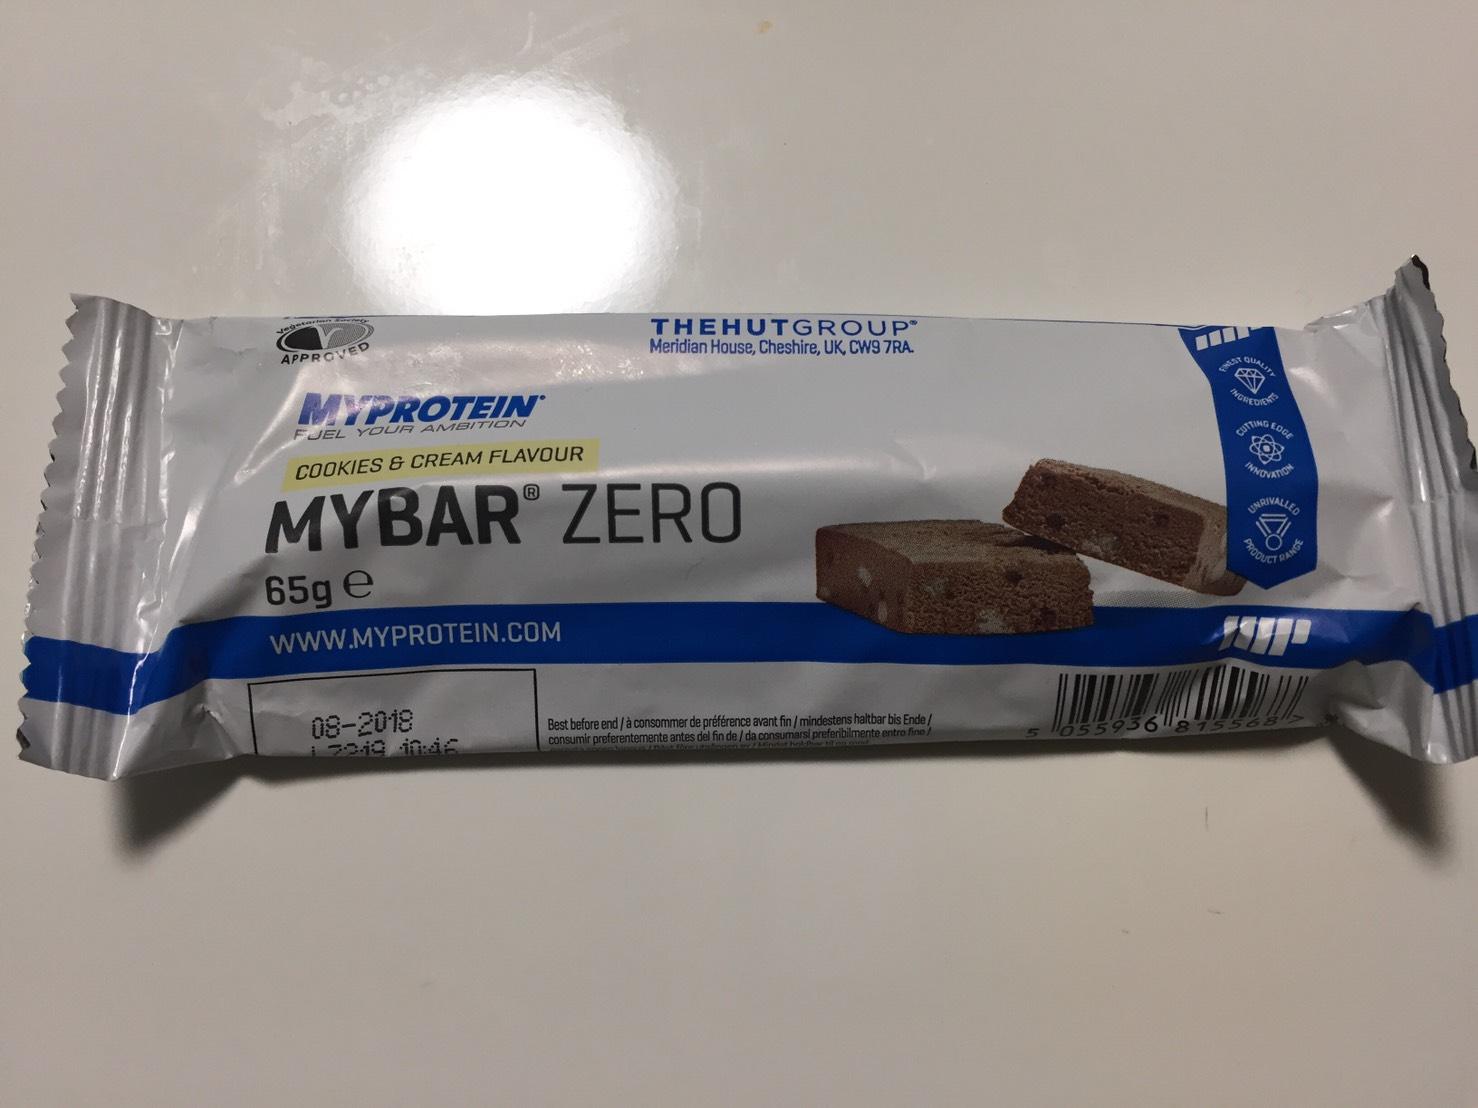 MY BAR ZERO(マイバー・ゼロ)「COOKIES & CREAM FLAVOUR(クッキー&クリーム味)」の成分表